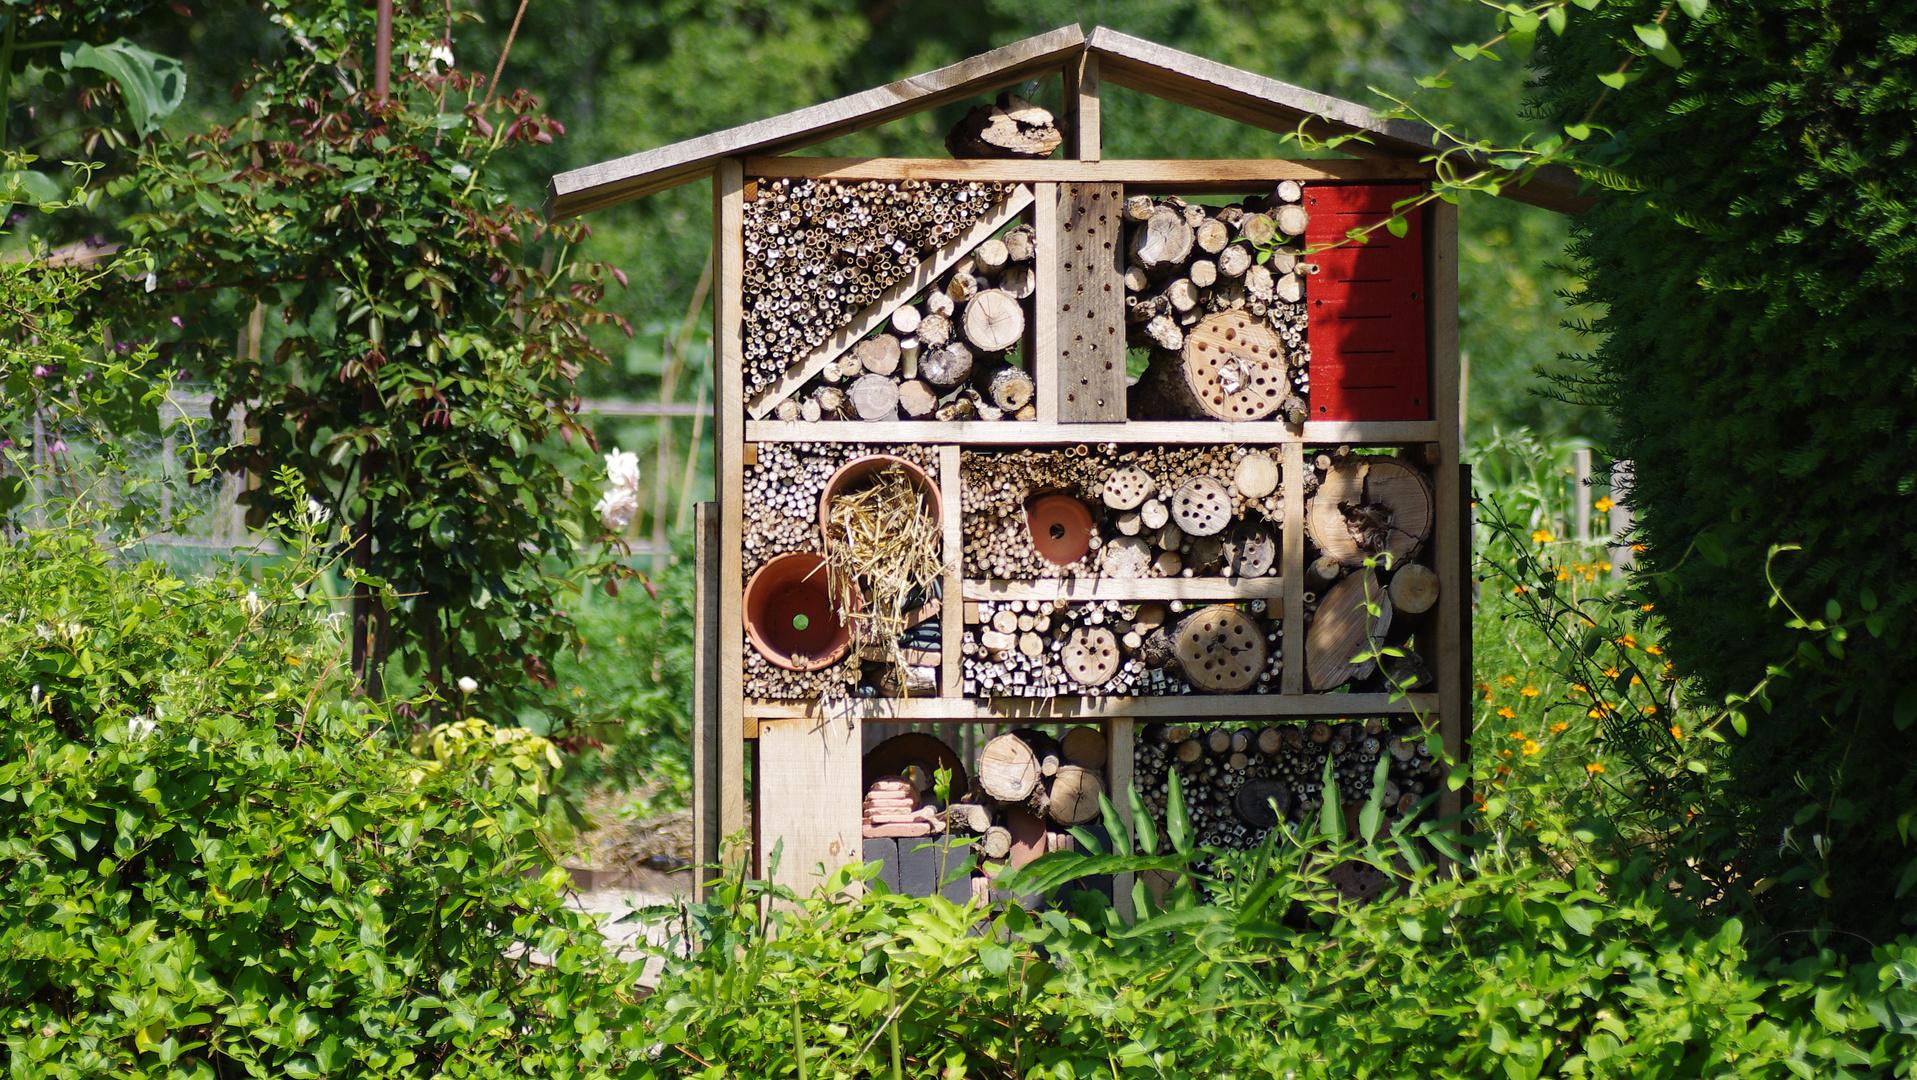 Hotel gratuit pour insectes